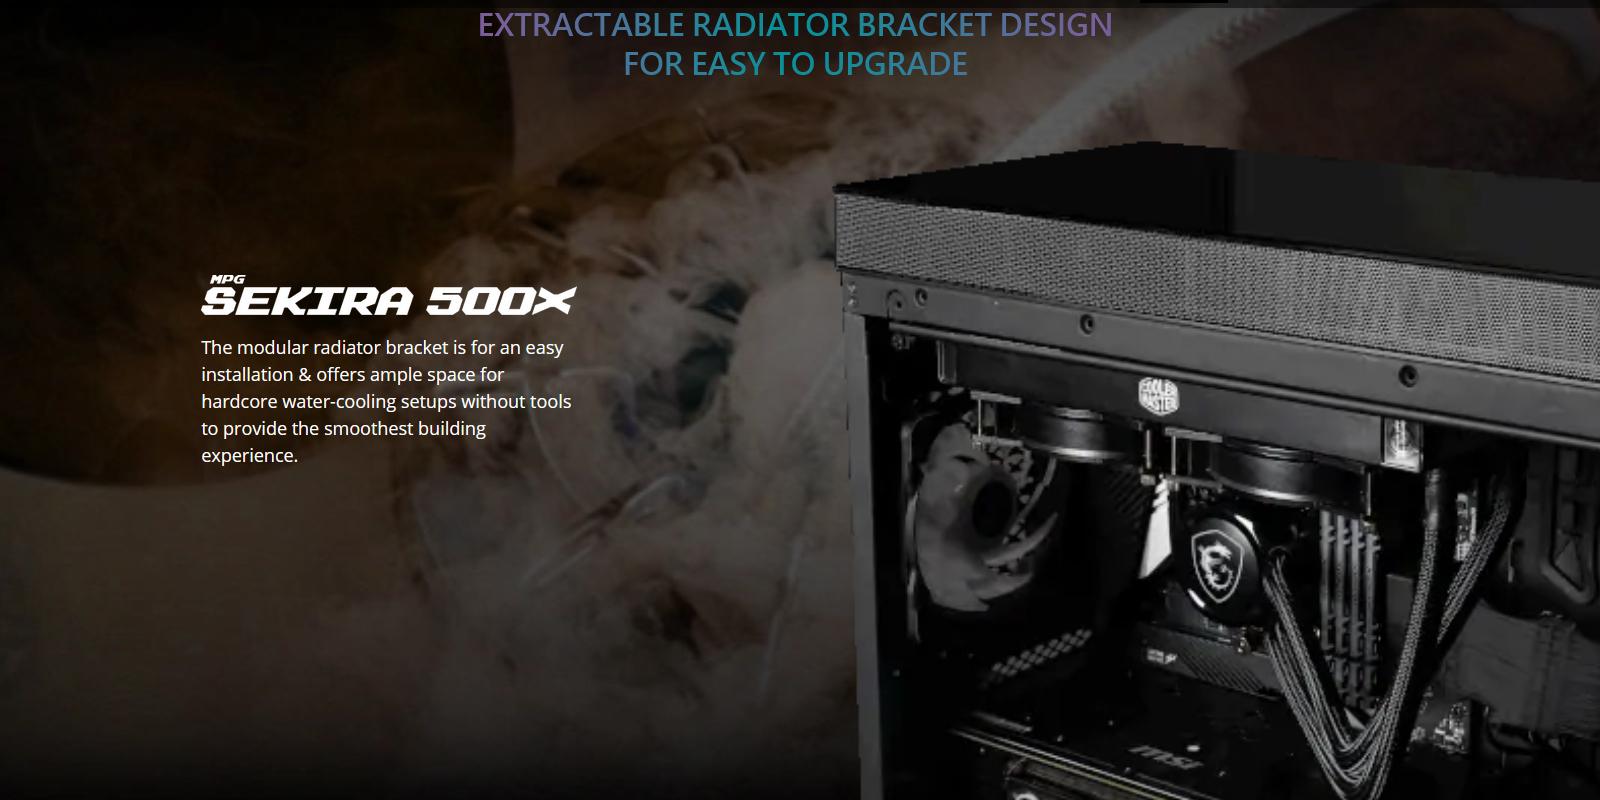 Vỏ Case MSI MPG SEKIRA 500X với khay lắp đặt Radiator ở dạng rời giúp cho quá trình lắp đặt thuận tiện